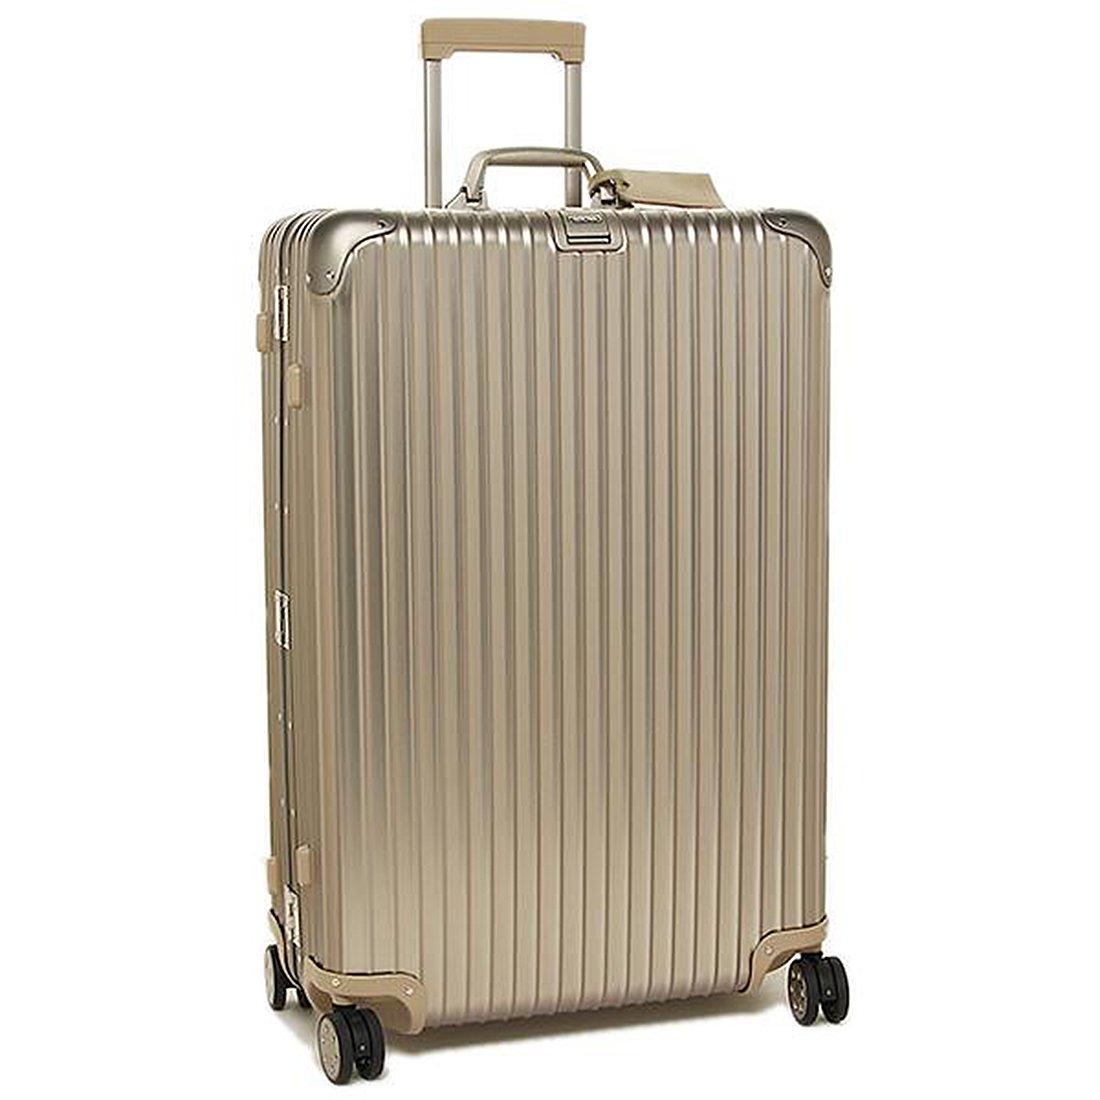 リモワ スーツケース レディース/メンズ RIMOWA 923.77.03.4 TOPAS TITANIUM トパーズ 81.5CM 98L 7~10泊用 4輪 TSAロック キャリーバッグ GOLD [並行輸入品]   B01N28V643